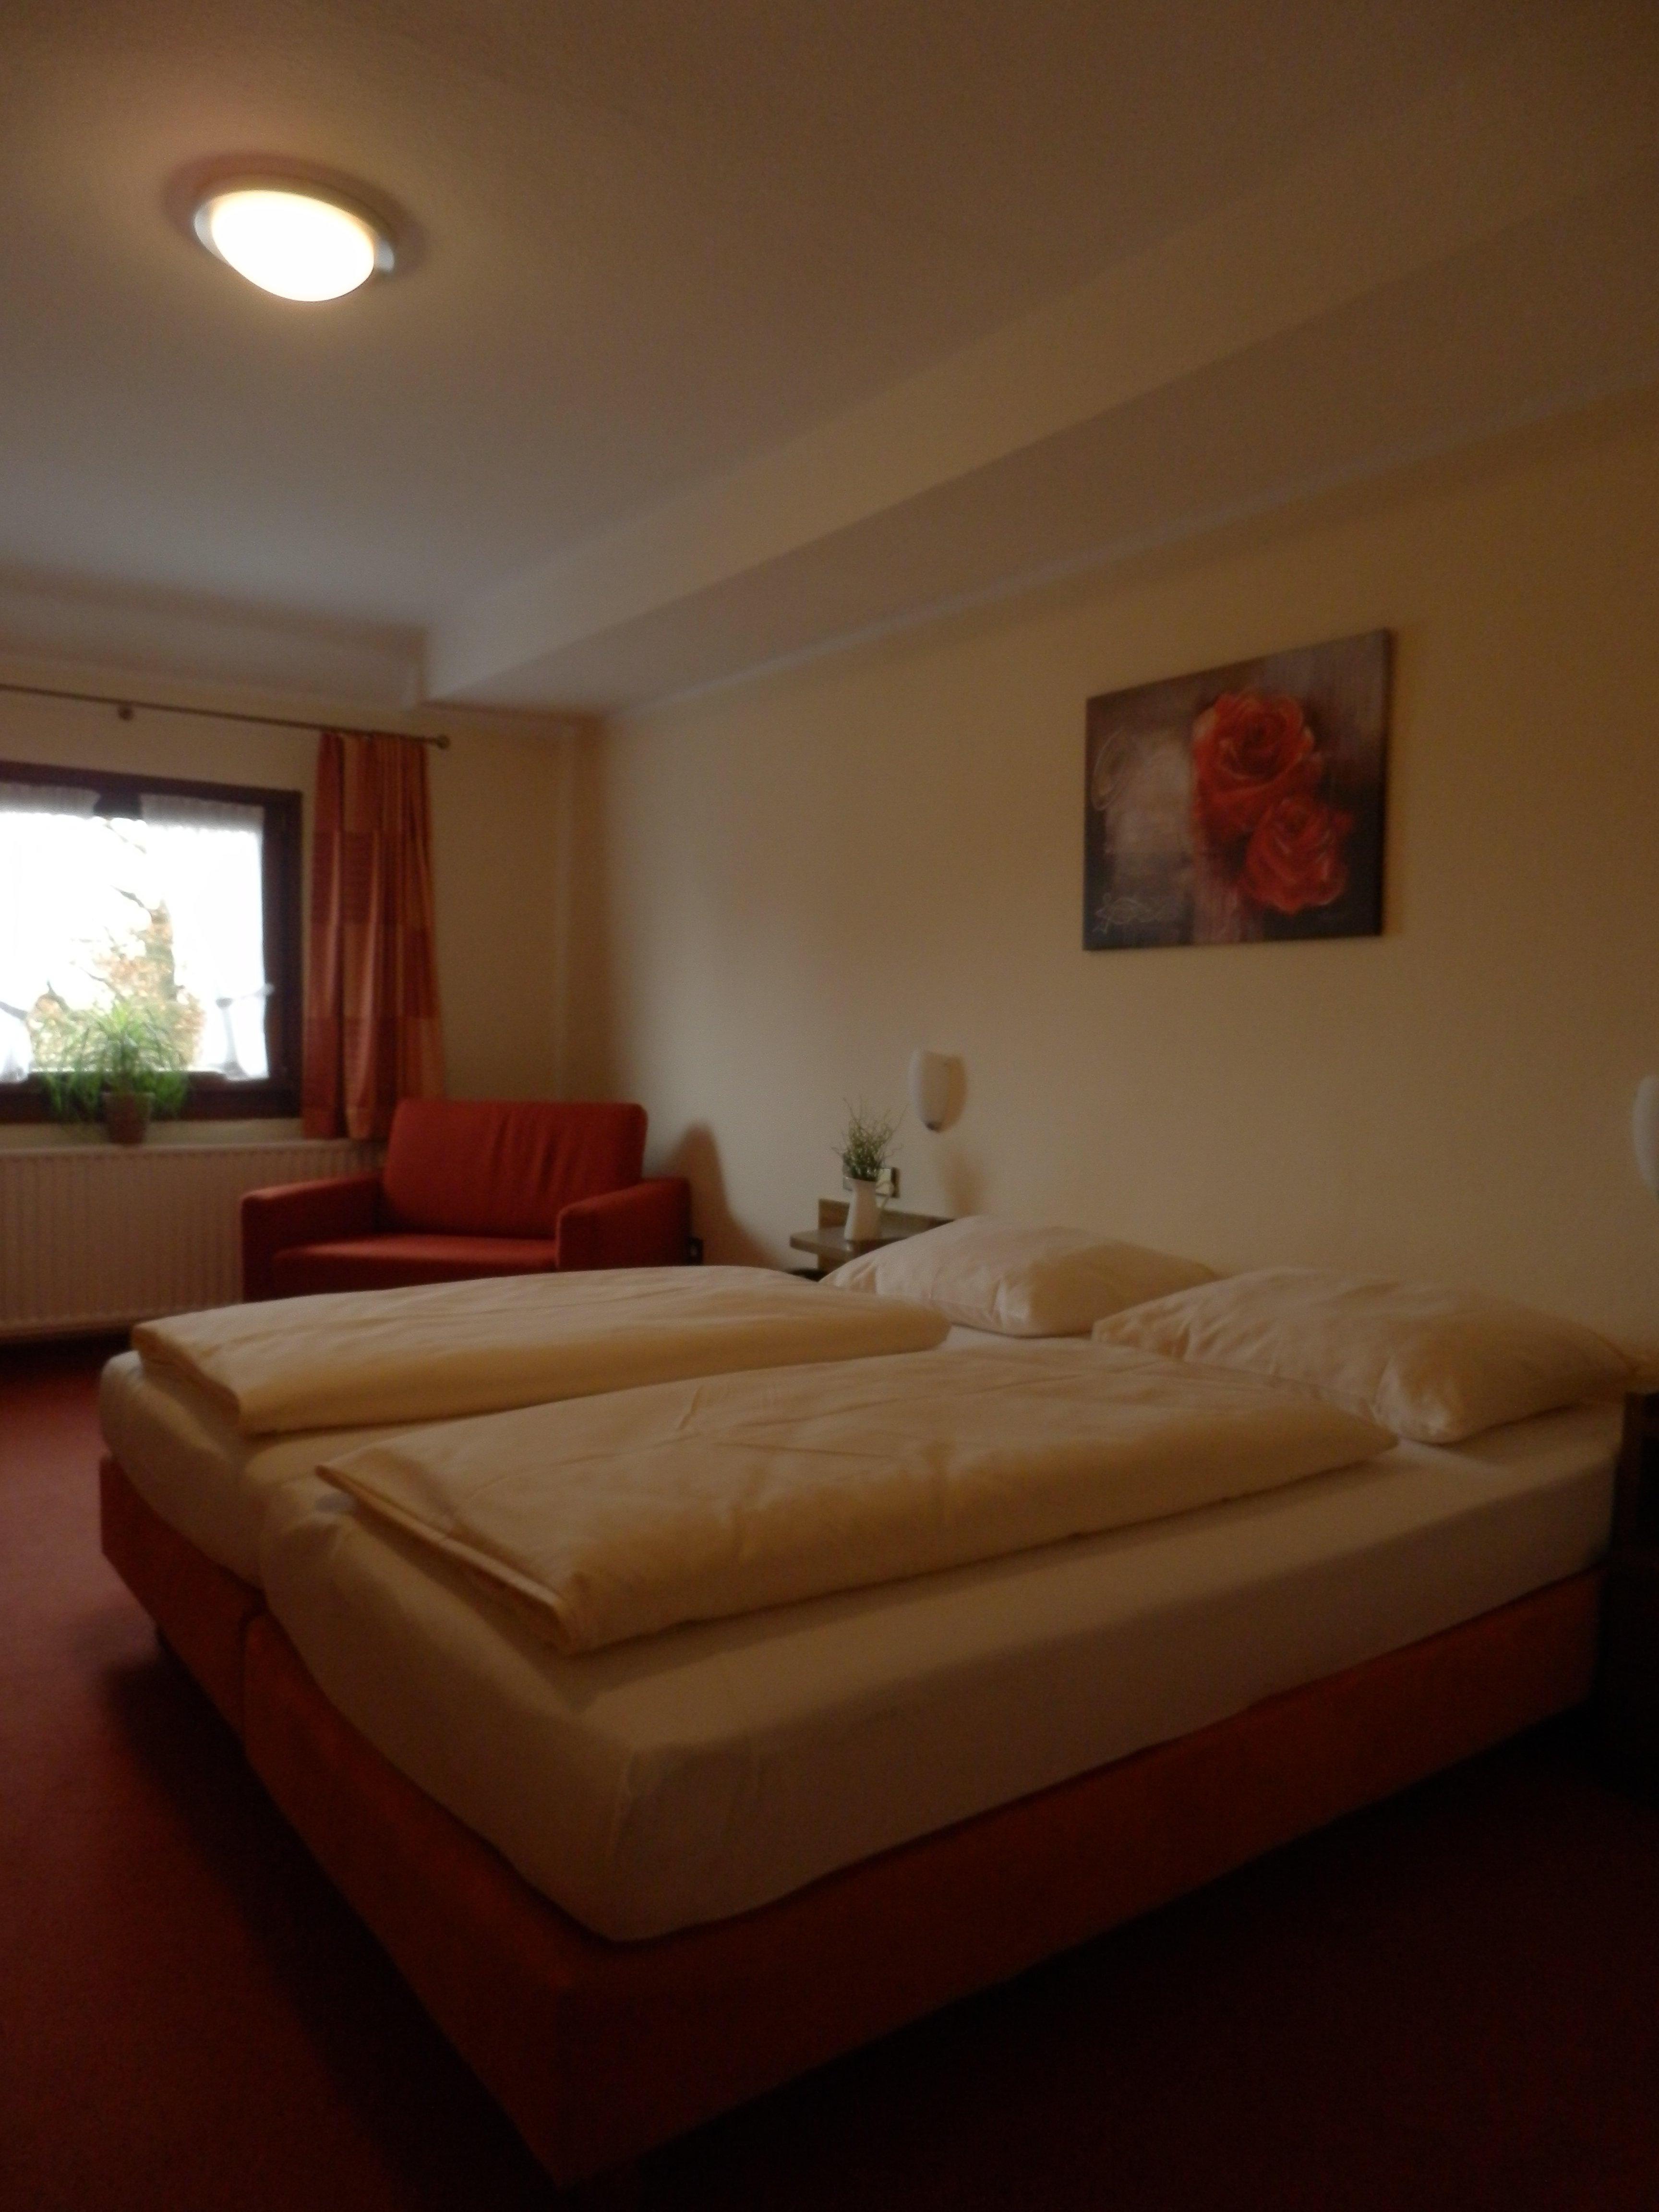 landhotel altastenberg in winterberg holidaycheck nordrhein westfalen deutschland. Black Bedroom Furniture Sets. Home Design Ideas